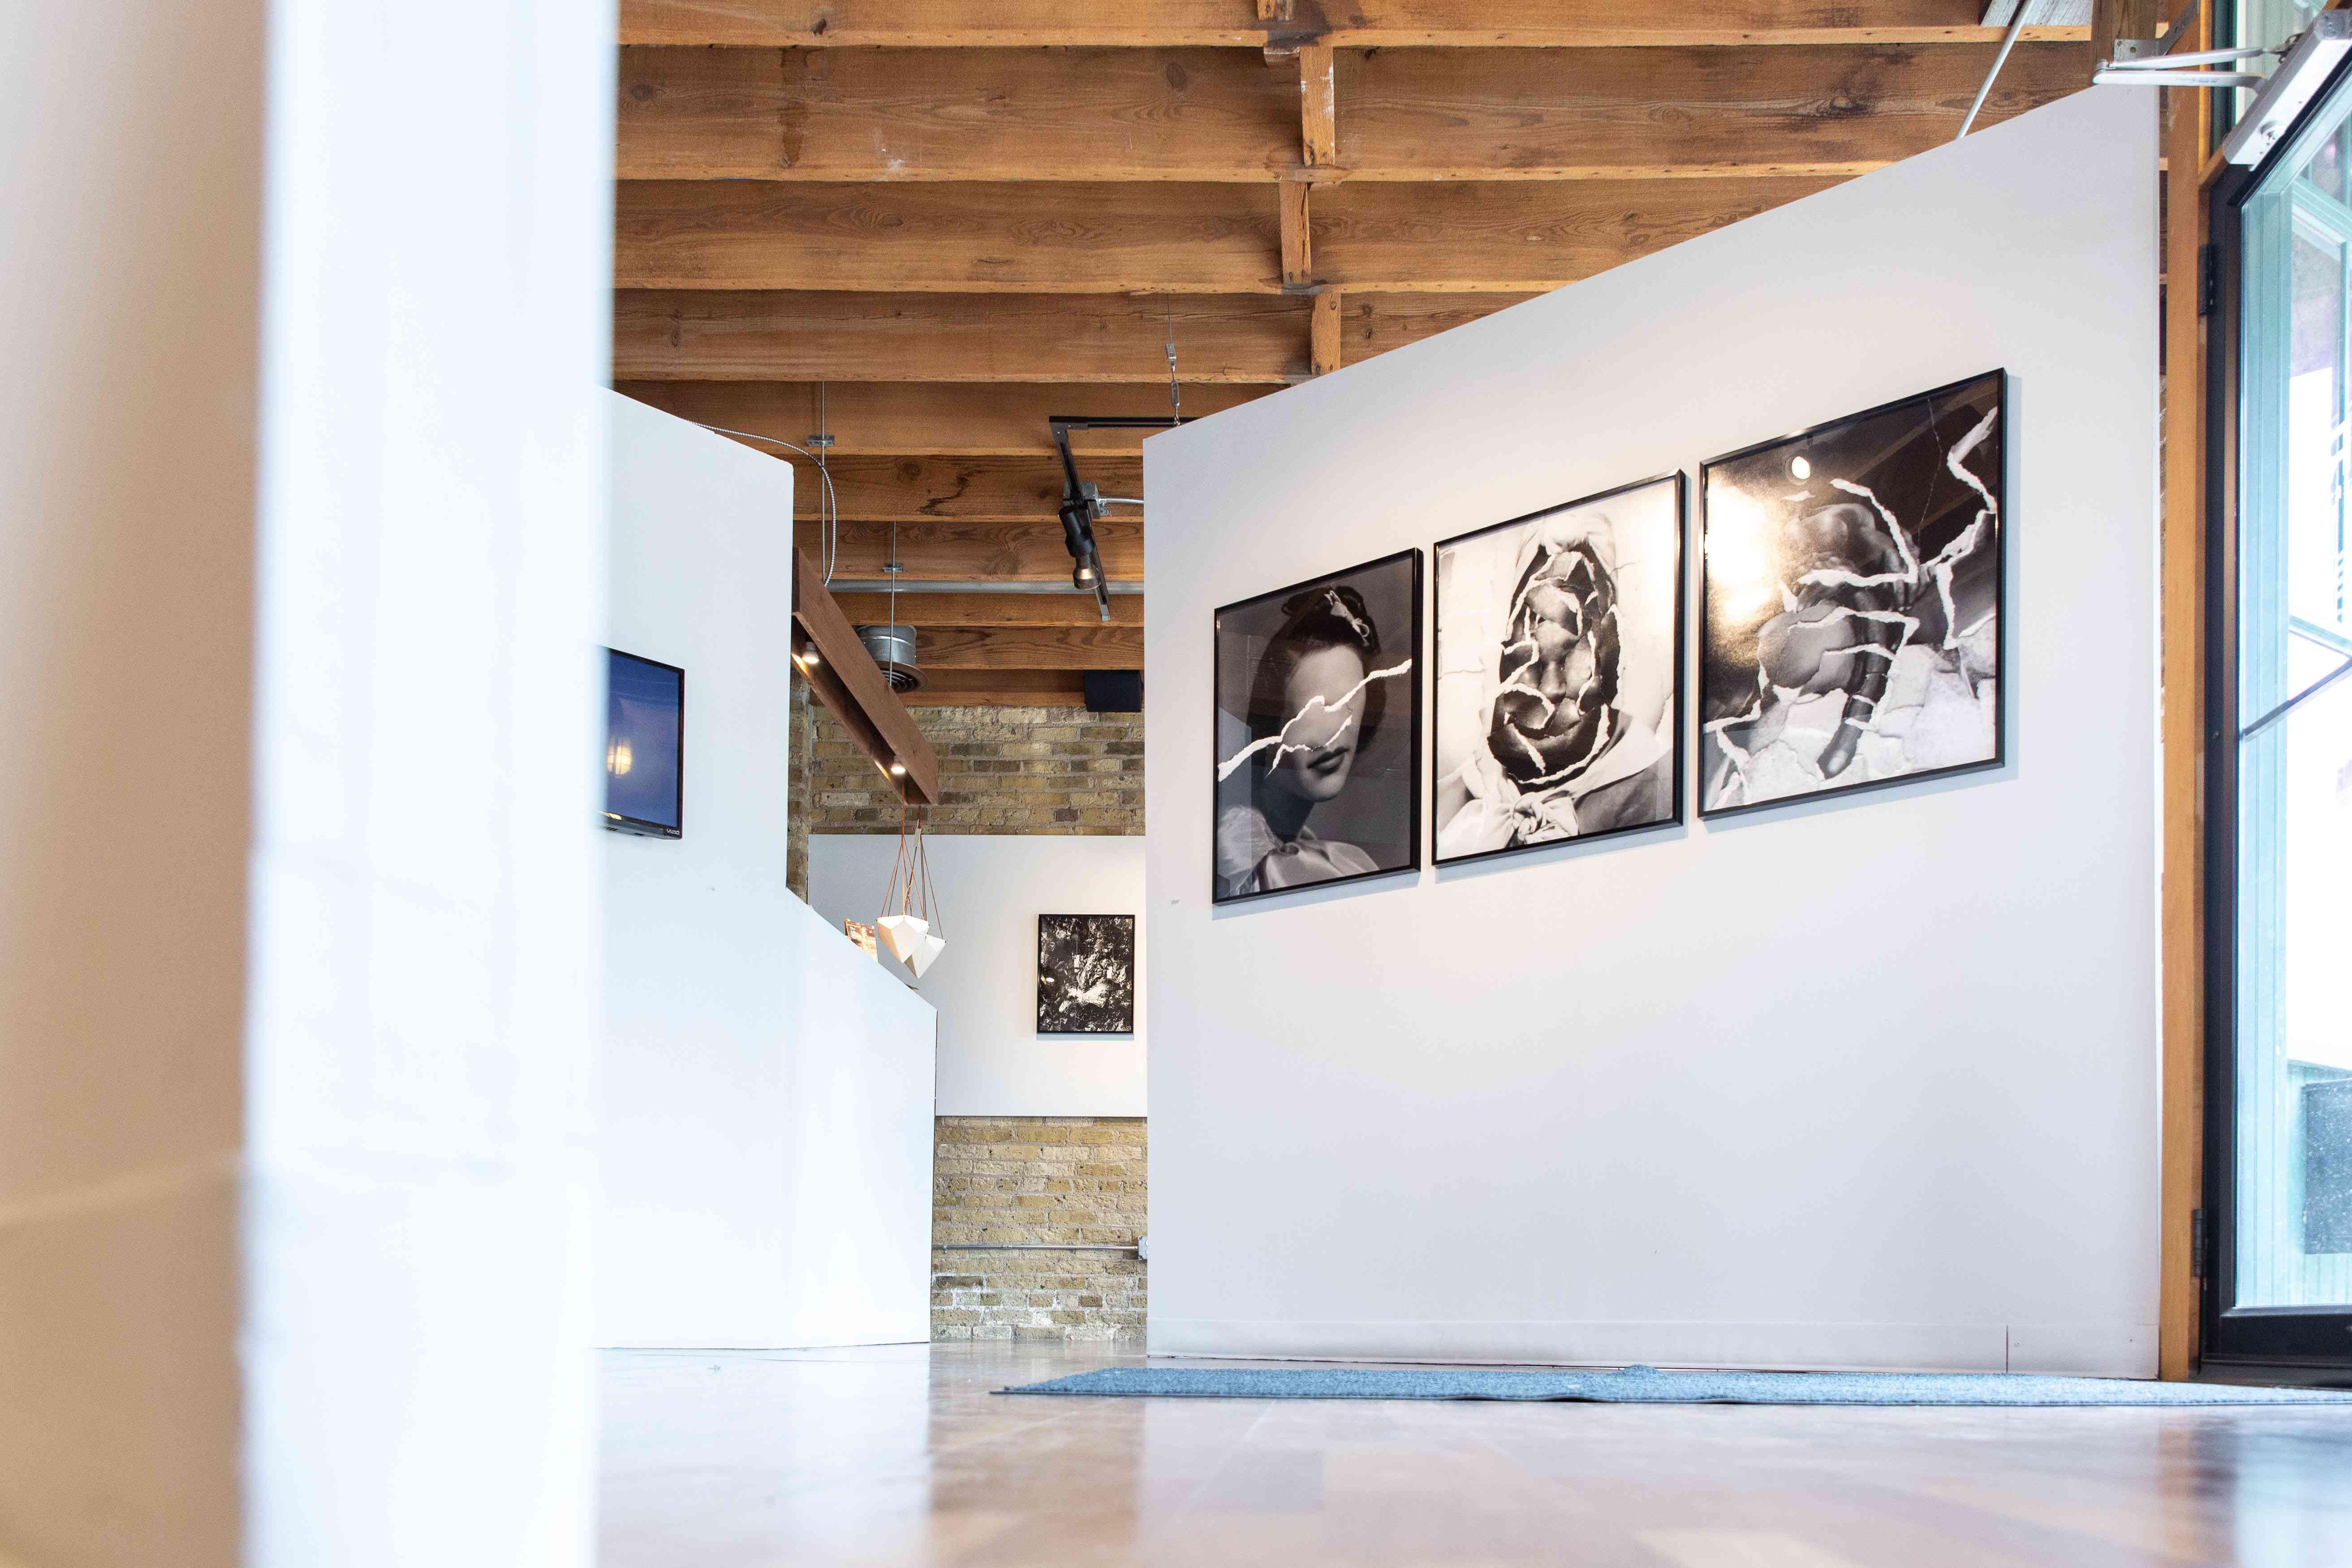 View of exhibit in Var Gallery